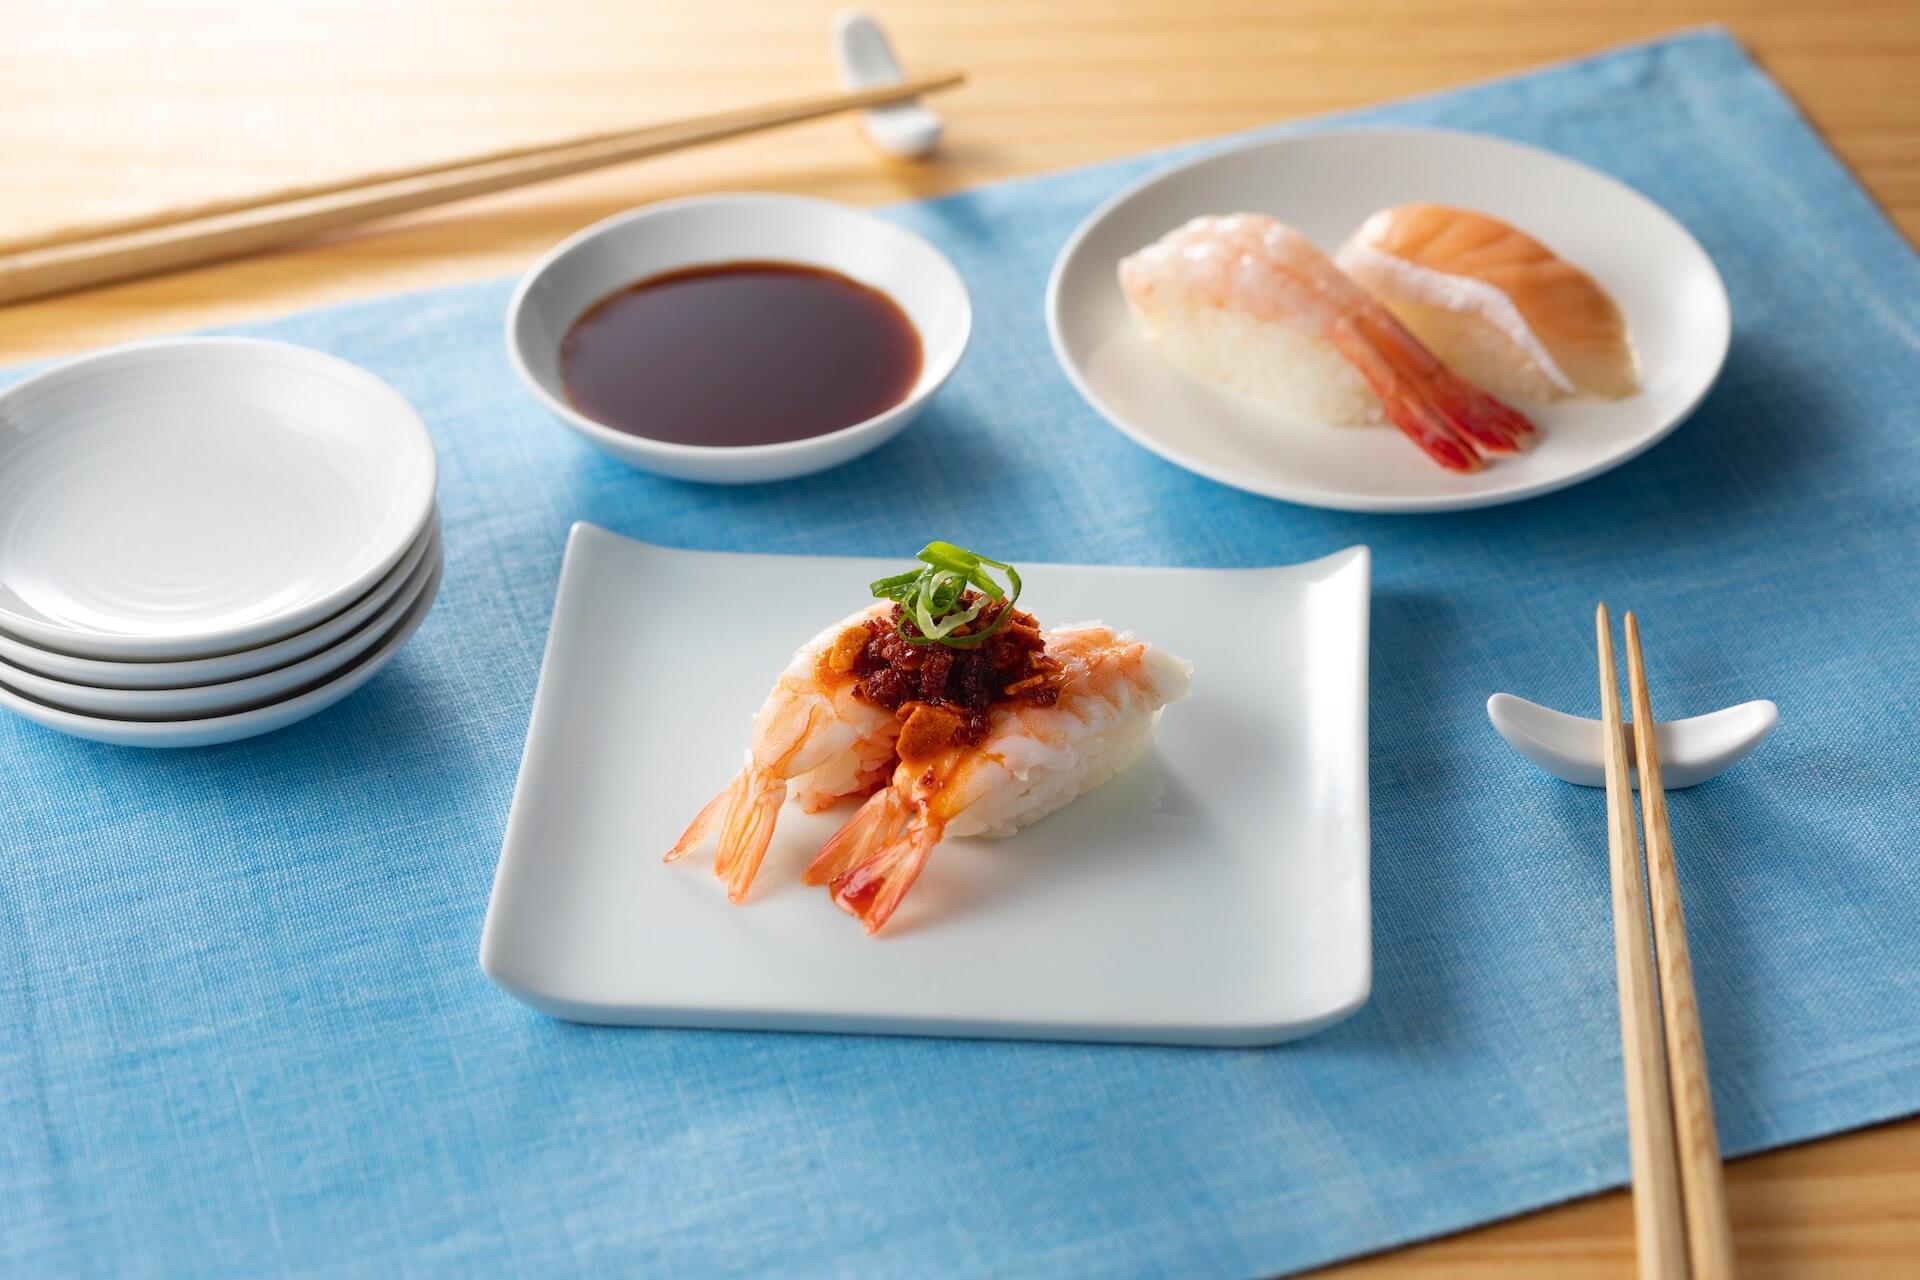 おうちで手作りはま寿司を楽しもう!人気・贅沢ネタ11種としゃり30貫がセットになった「おうちではま寿司セット」が登場 gourmet_200424_hamazushi_07